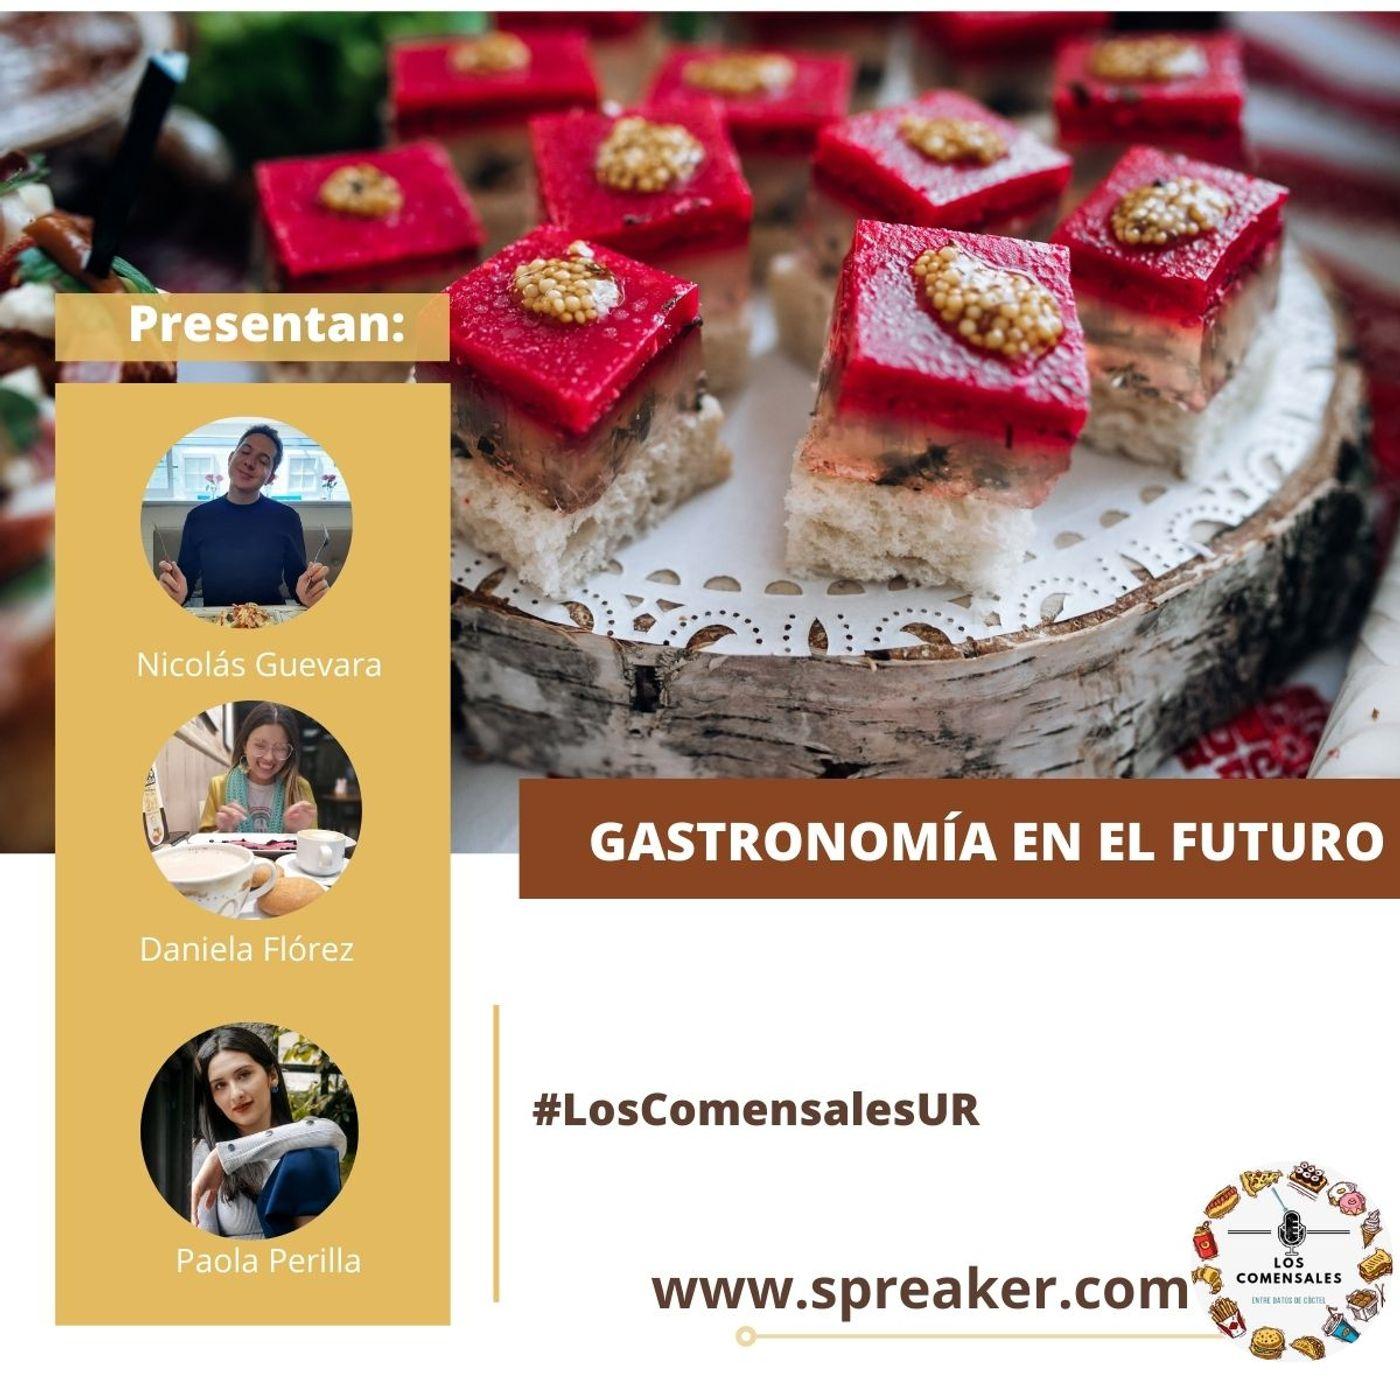 Gastronomía en el futuro